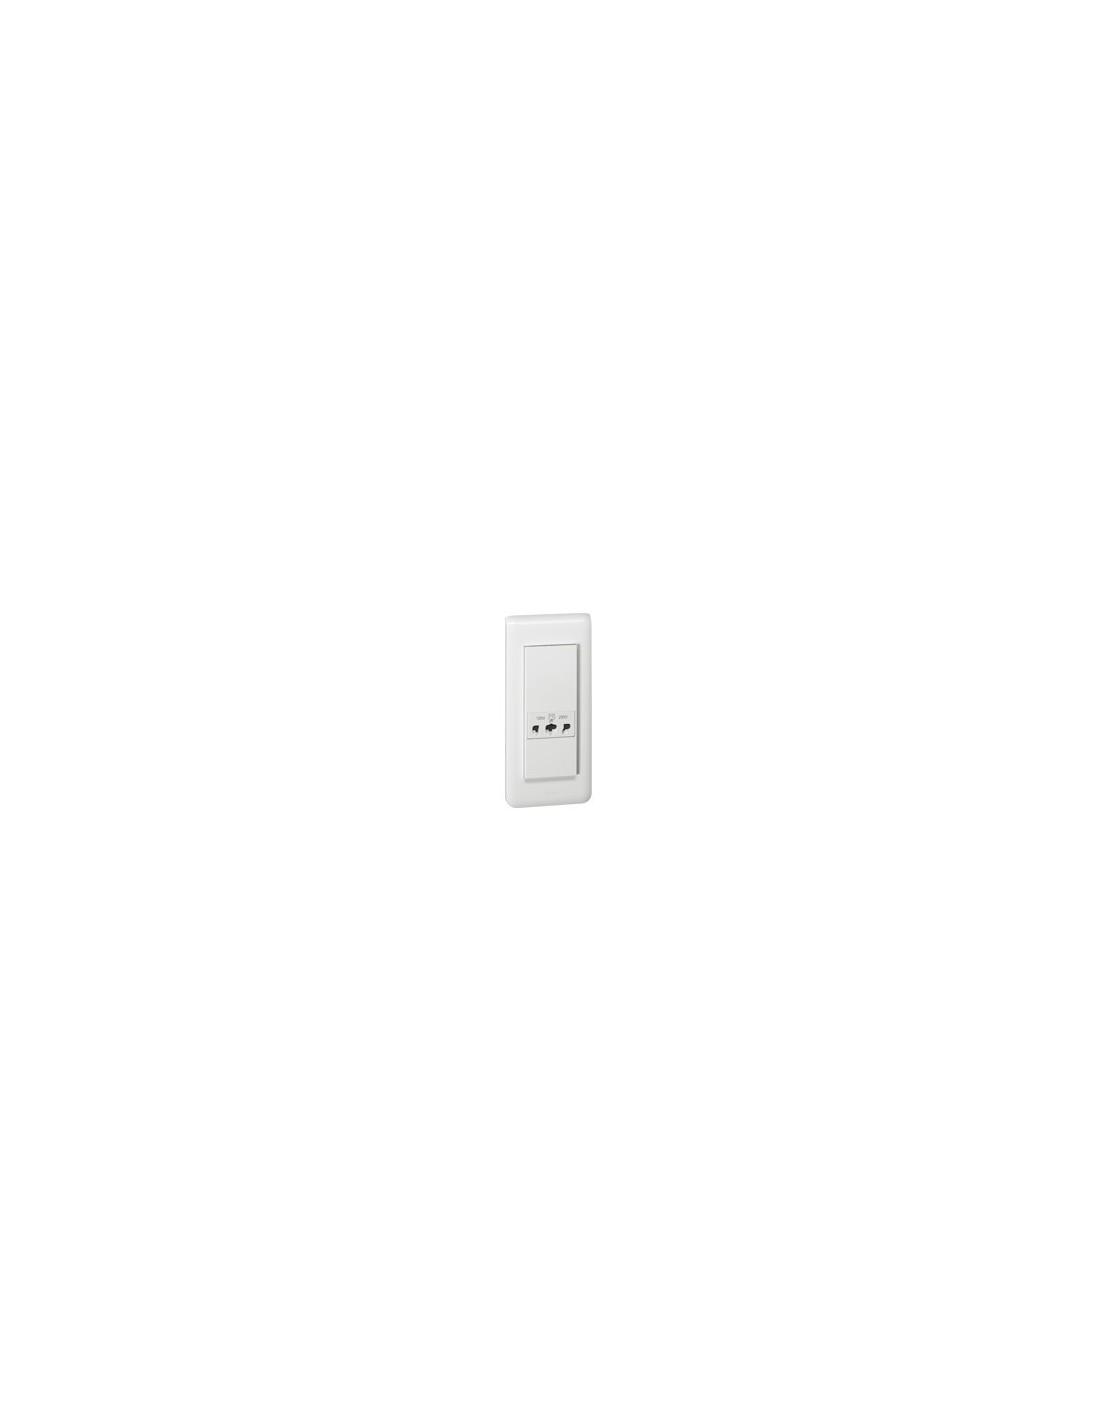 prise electrique salle de bain 28 images norme prise de courant salle de bain obasinc o 249. Black Bedroom Furniture Sets. Home Design Ideas